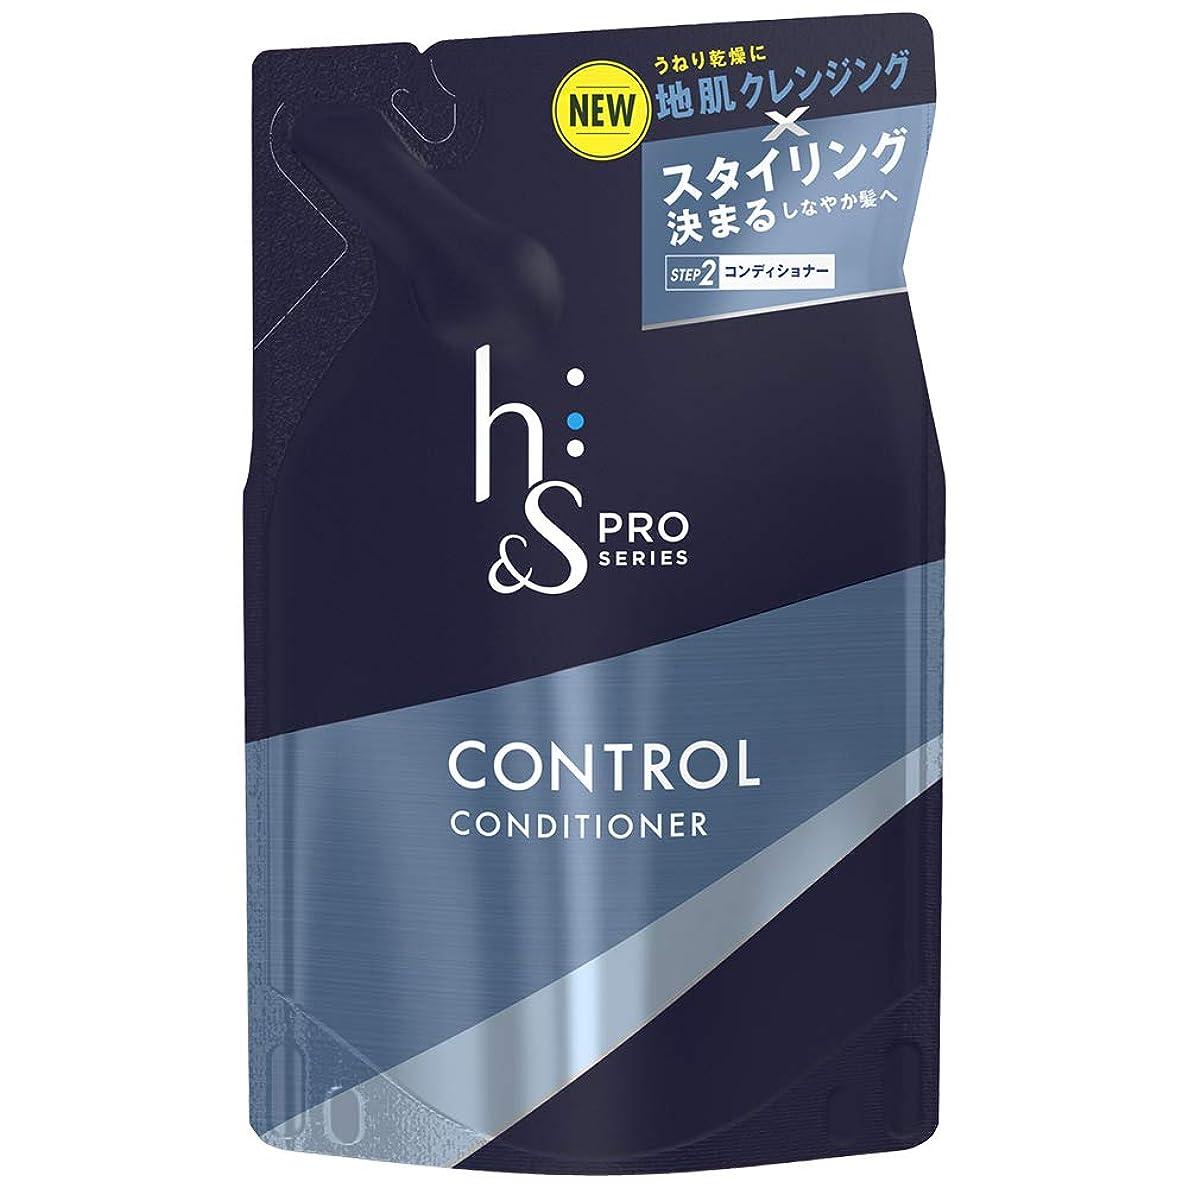 脅威コールド炭素h&s PRO (エイチアンドエス プロ) メンズ コンディショナー コントロール 詰め替え (スタイリング重視) 300g